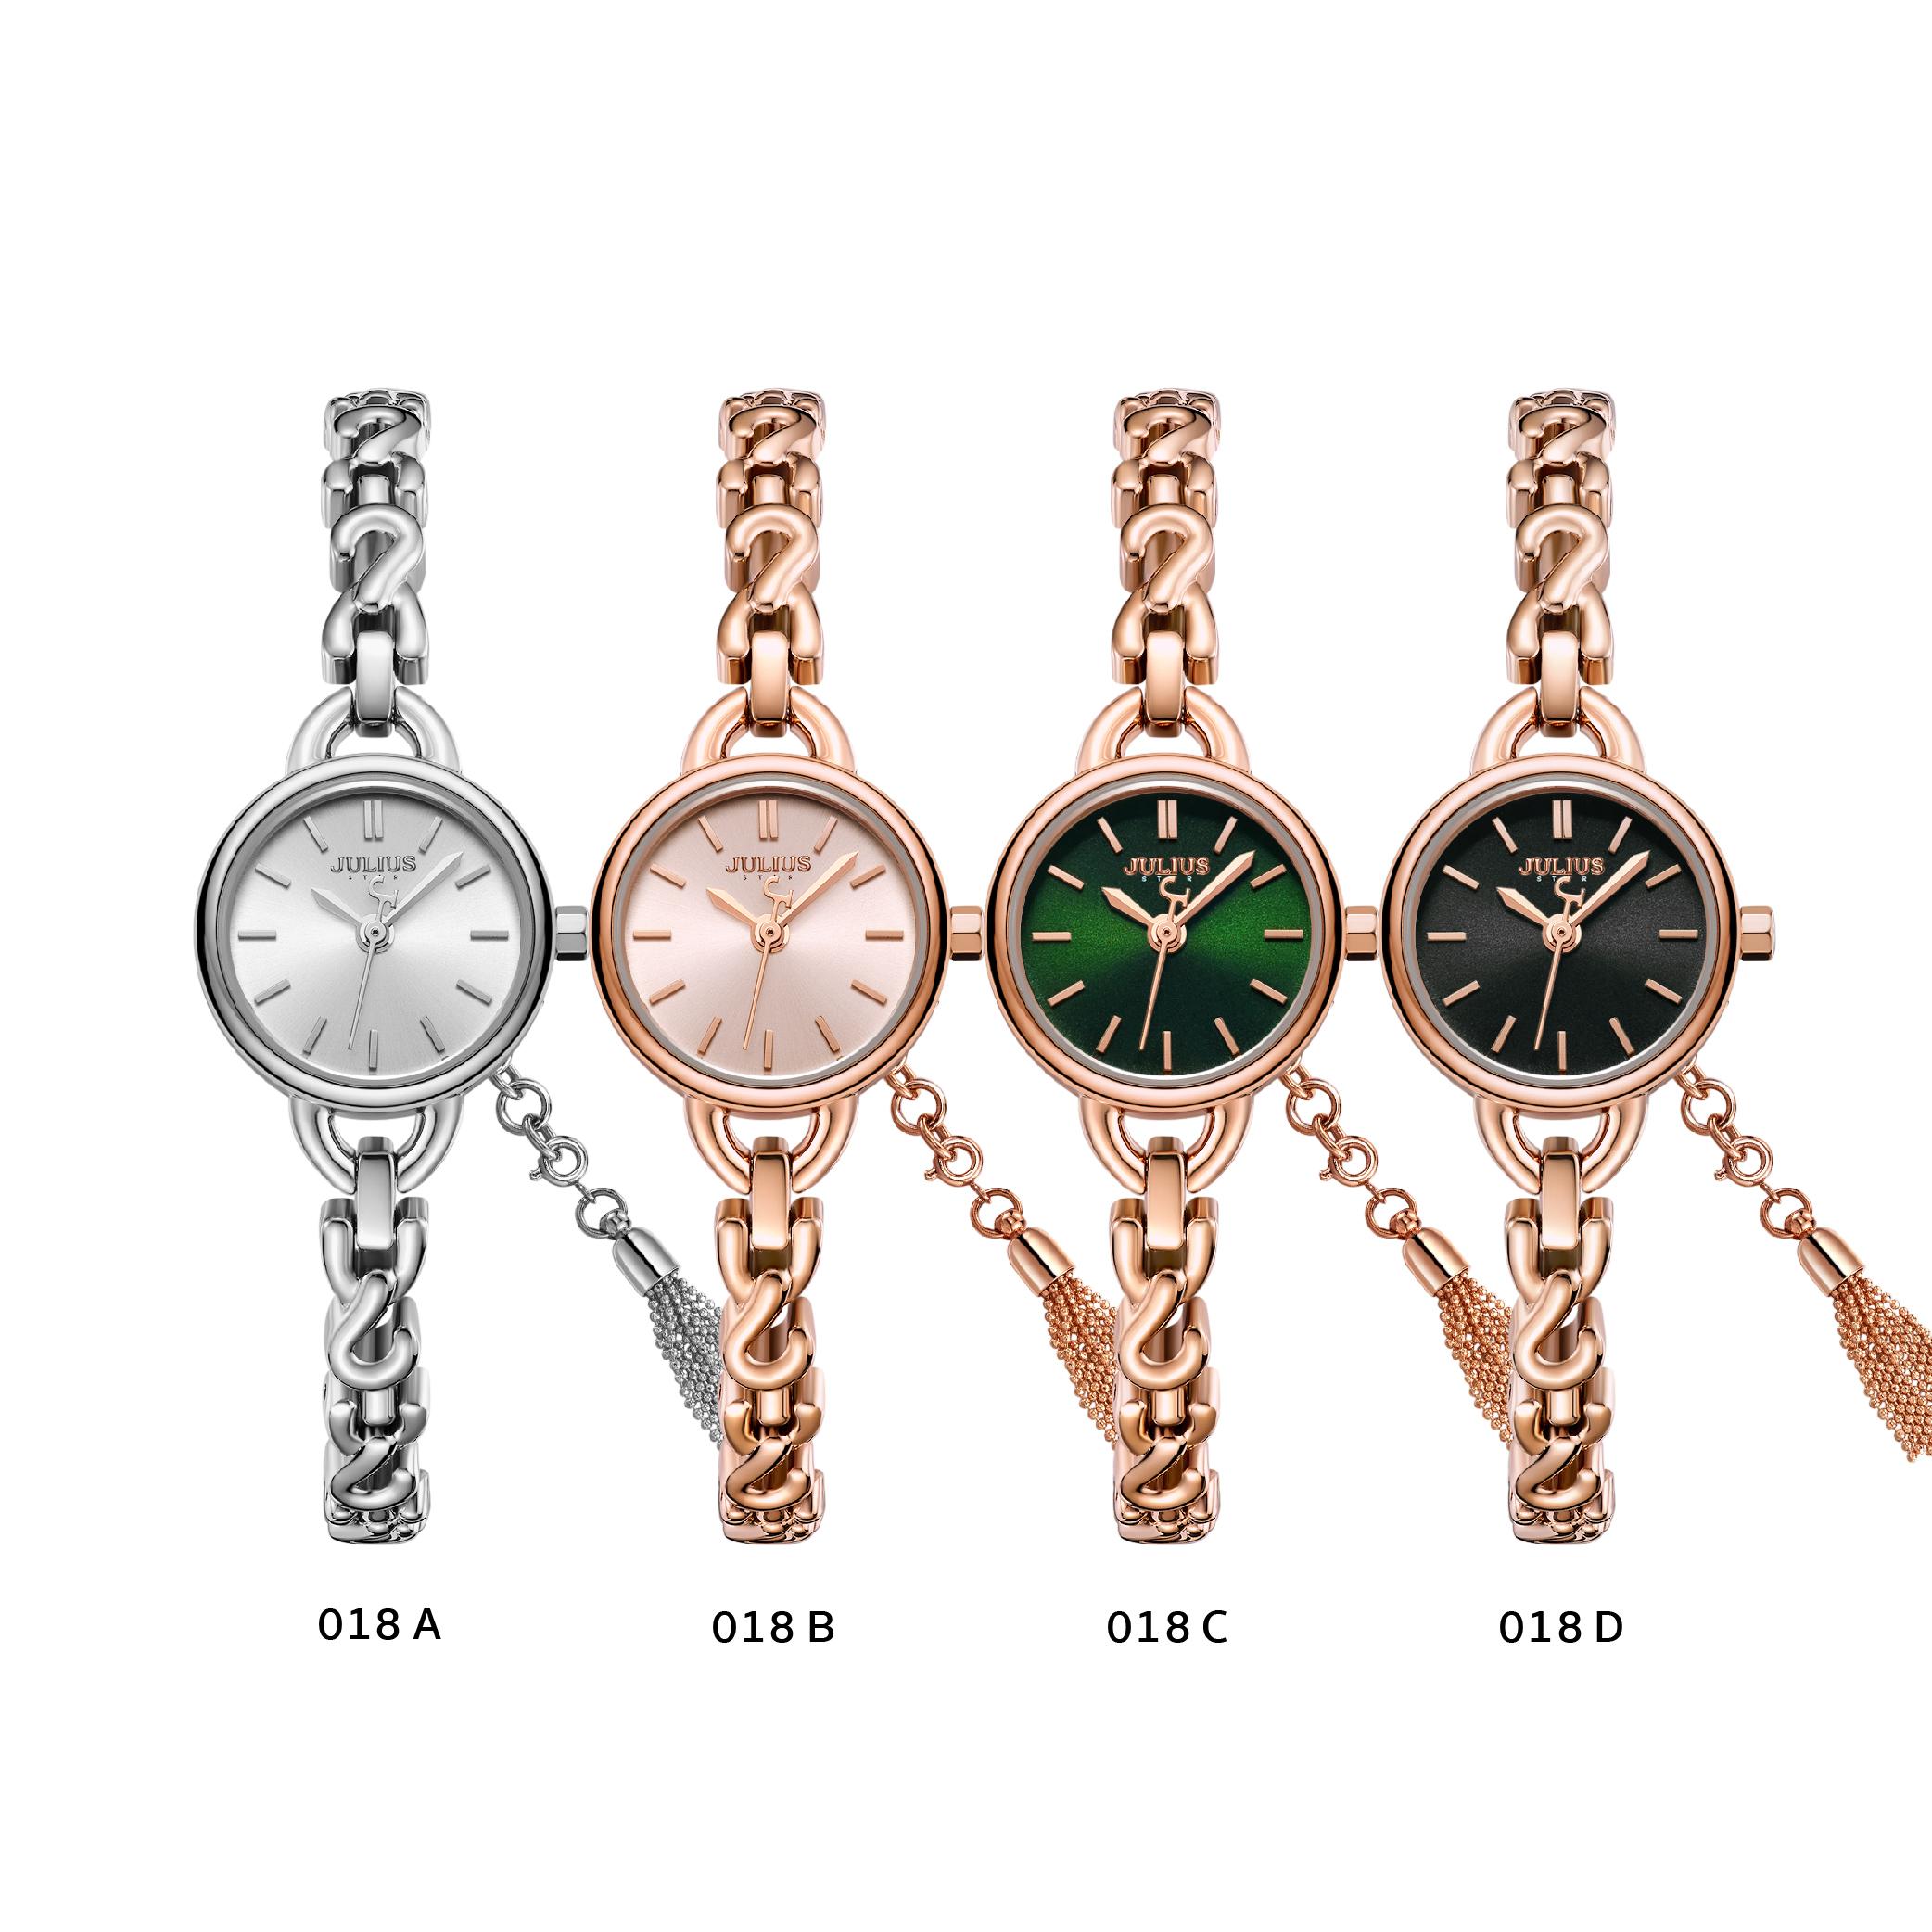 นาฬิกาข้อมือผู้หญิง JULIUS STAR 018D